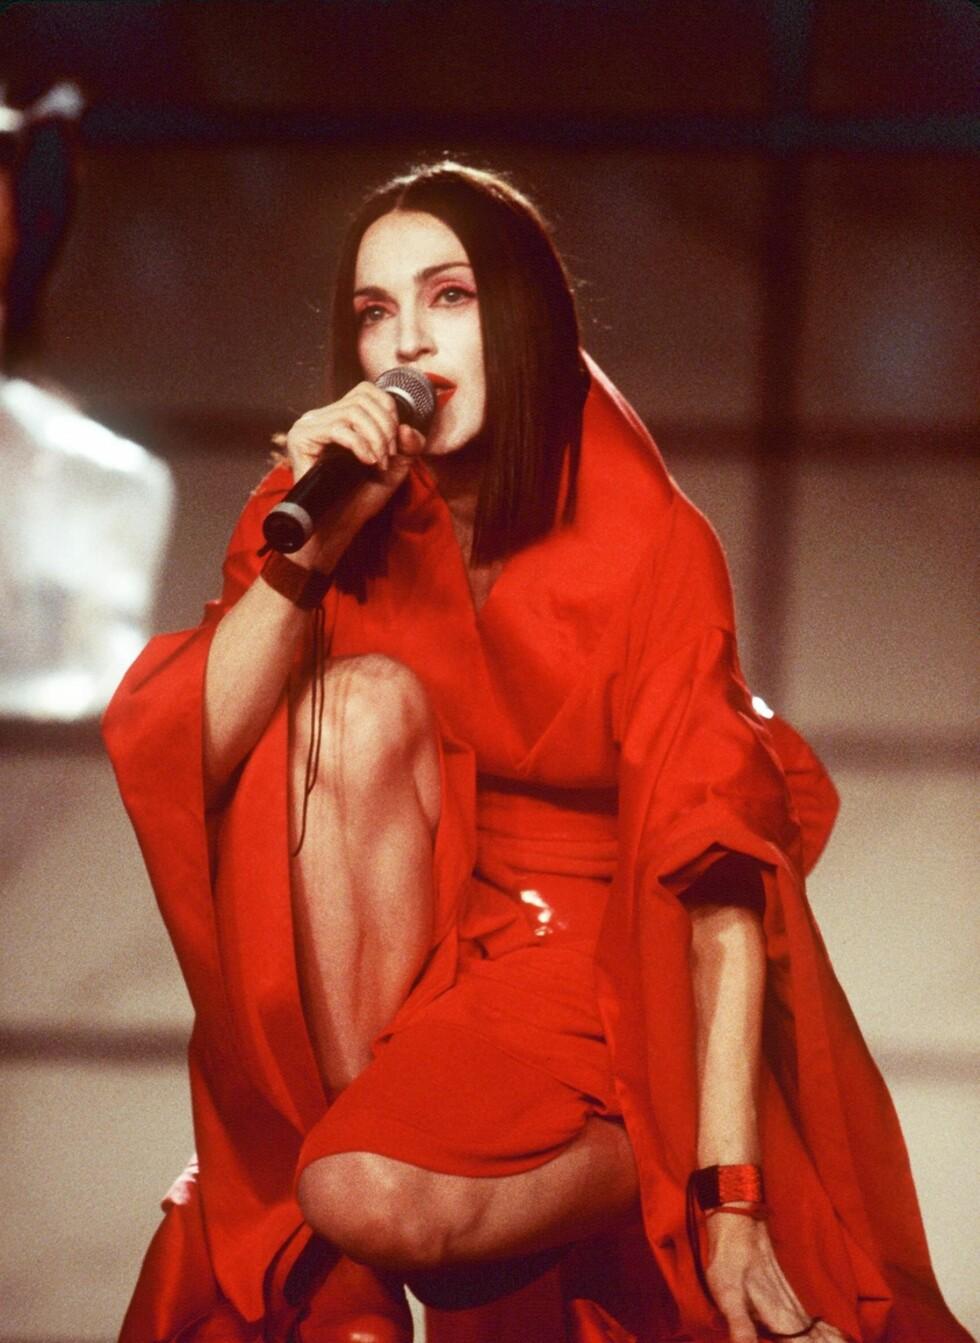 Madonna var også en trendsetter av stor stil gjennom hele 90-tallet. Også de mørke, dramatiske frisyrene hennes var det mange som hadde lyst på.  Foto: All Over Press